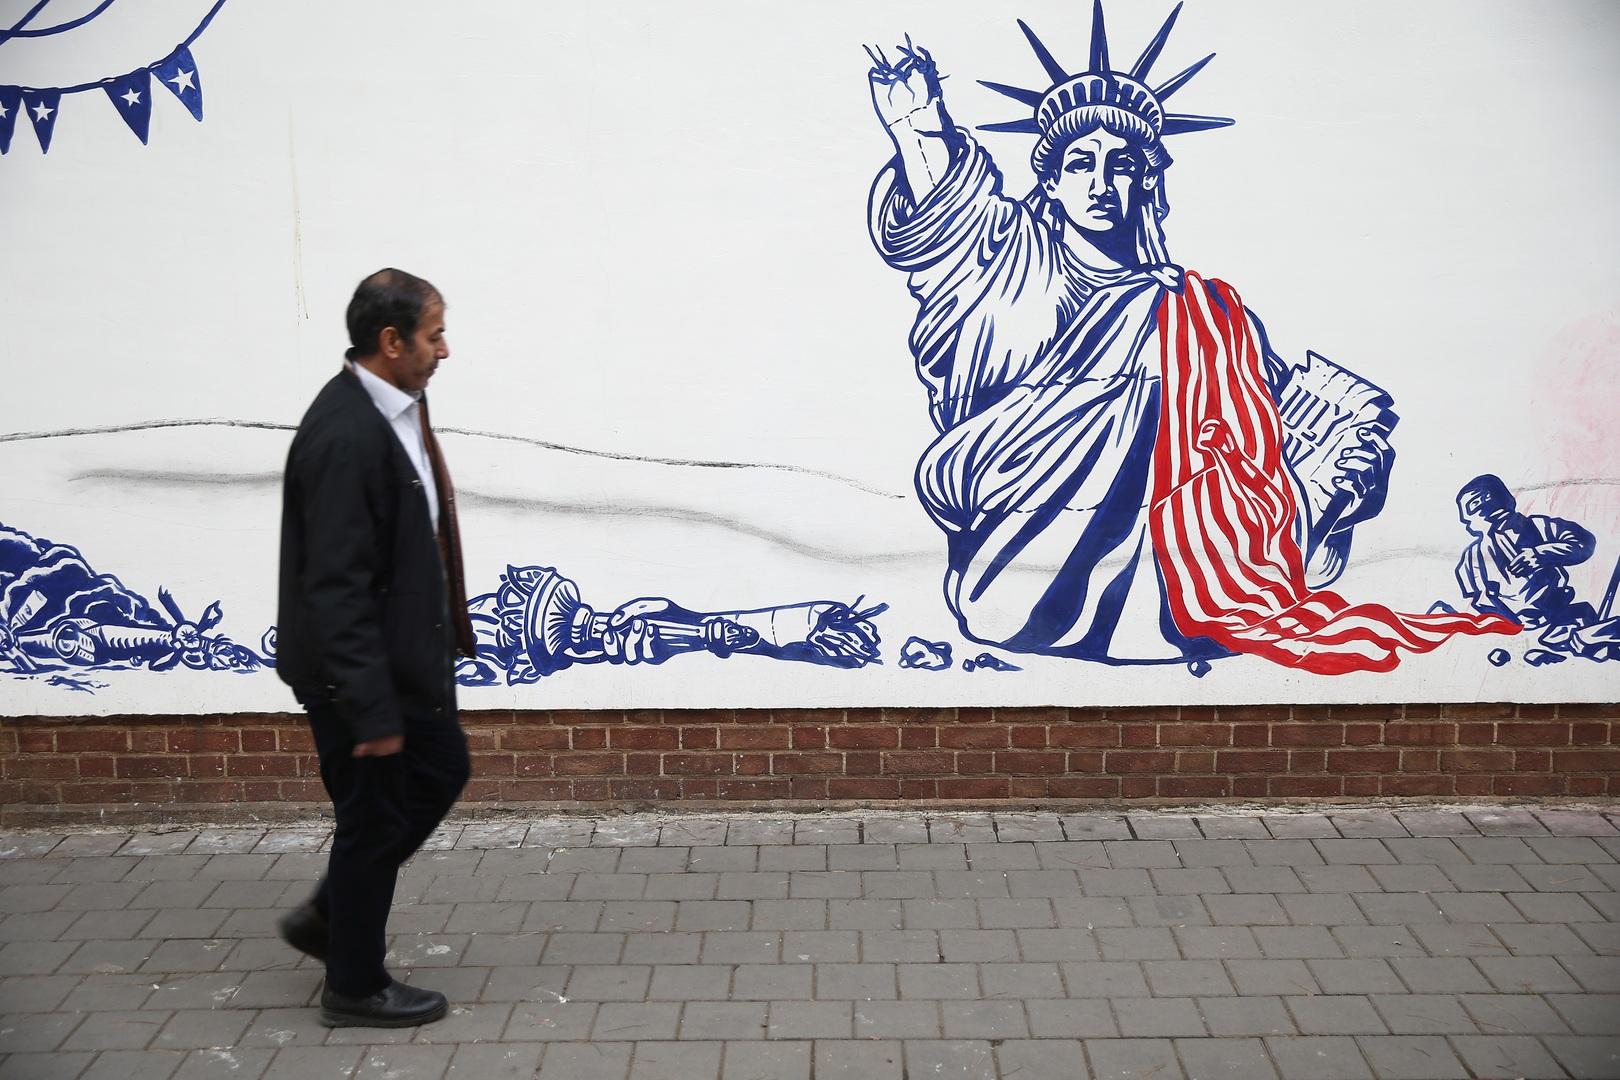 إيران.. لا يرى بالعين المجردة وفعل ما عجز عنه ترامب